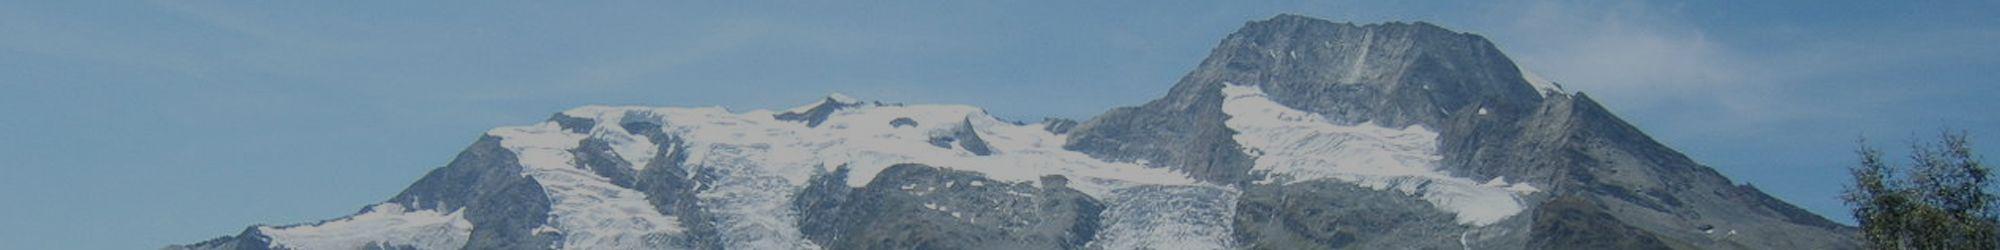 Paysage de montagne en savoie